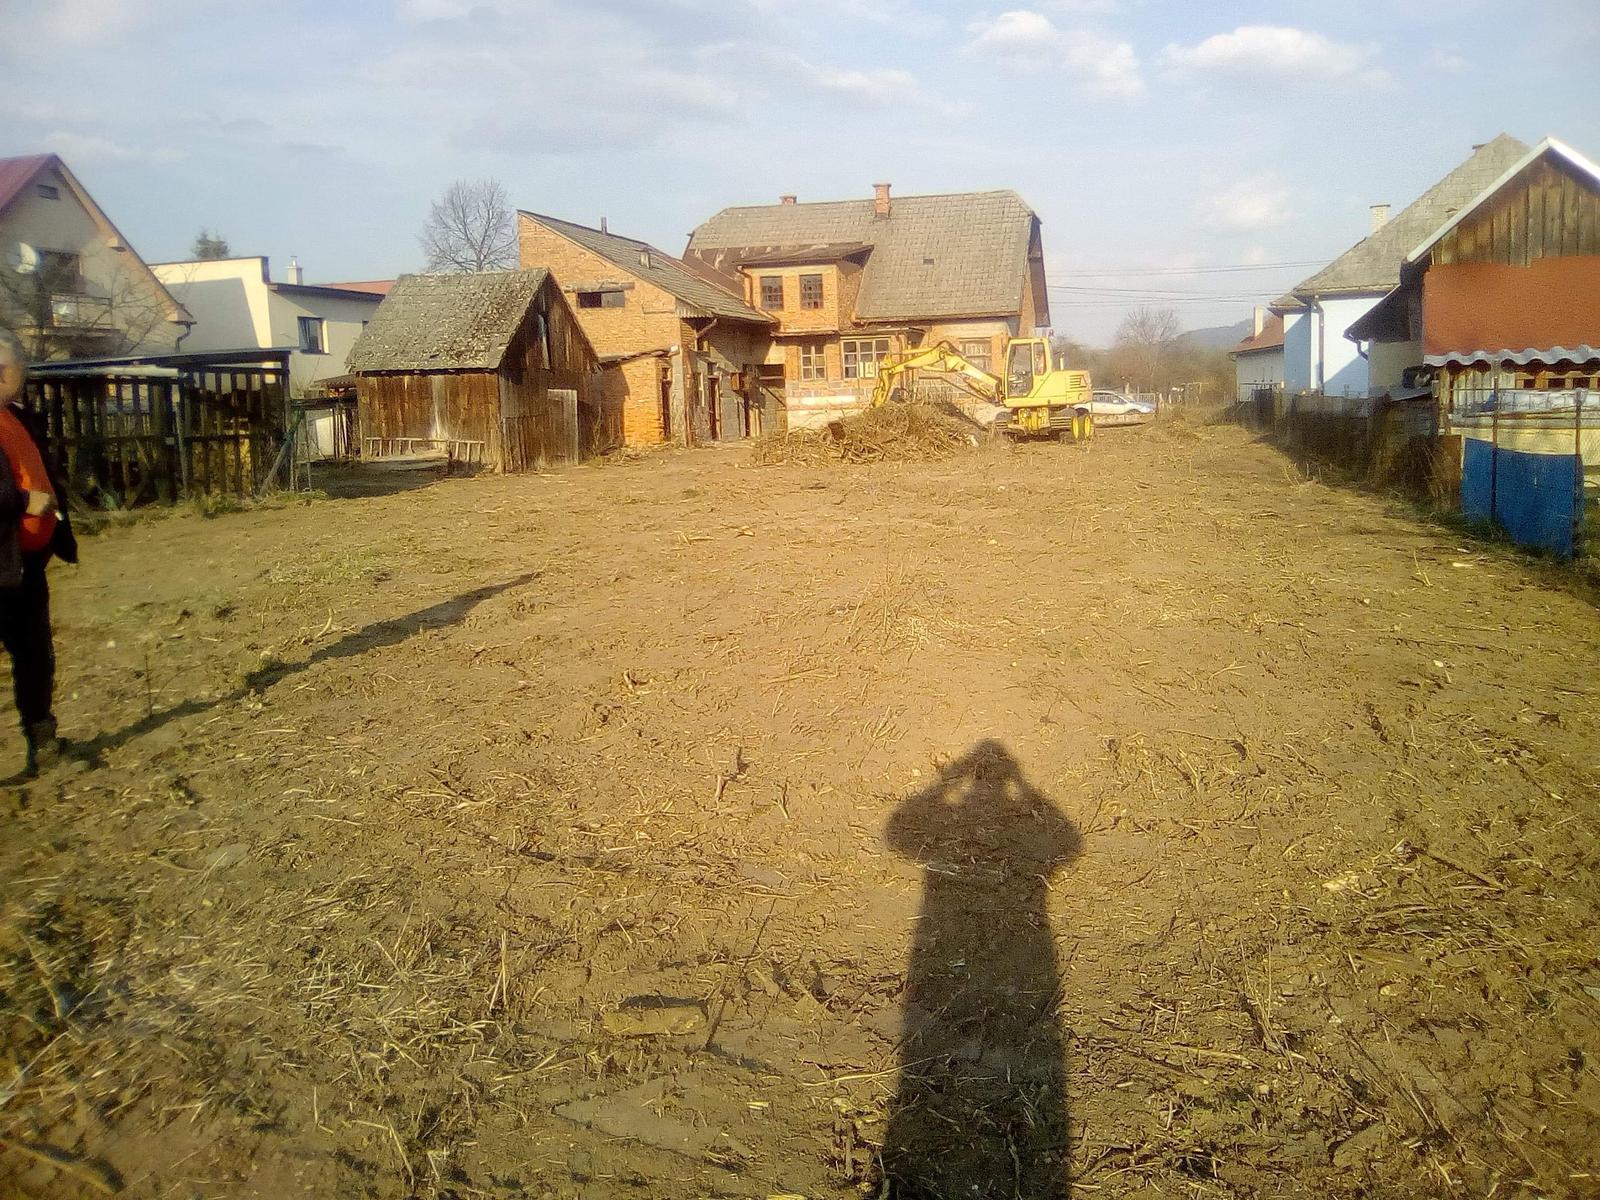 Rekonštrukcia domu-alebo chceme si splniť sen =》🏠🌻🌼🐶  mat domcek a vratit sa na Slovensko - Obrázok č. 55